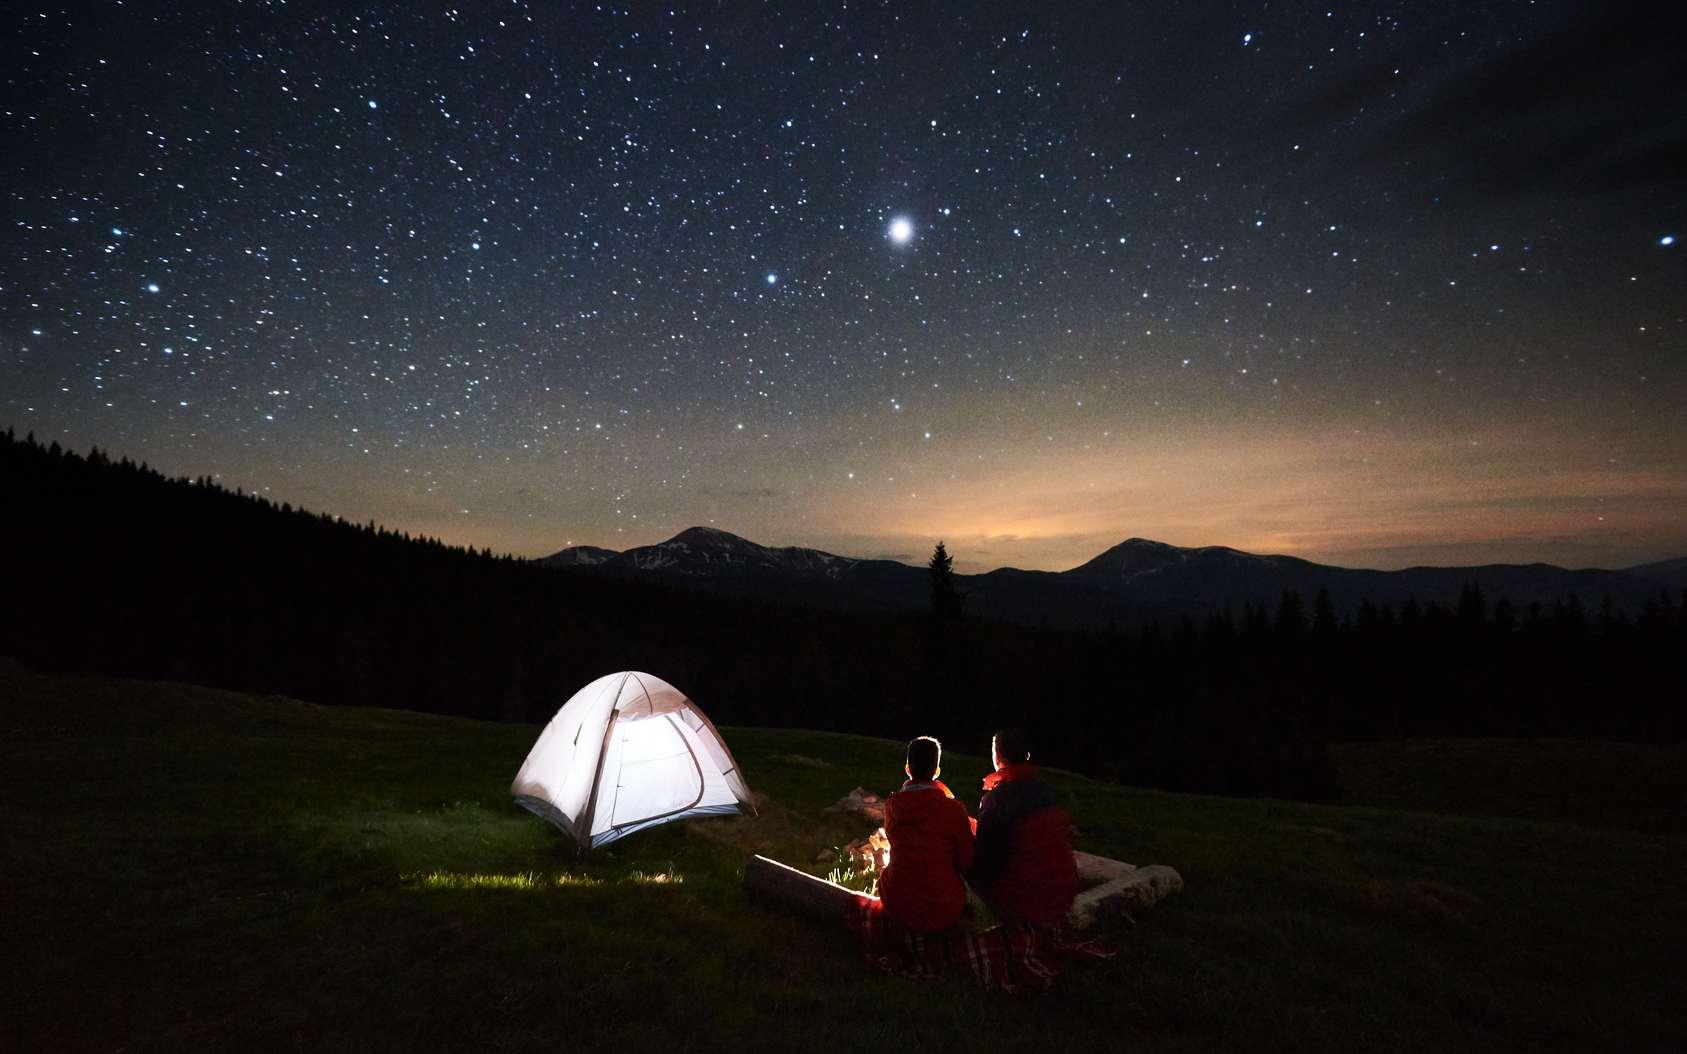 5 planètes sont visibles à l'œil nu cet été et une éclipse de Lune le 27 juillet. © anatoliy_gleb, fotolia